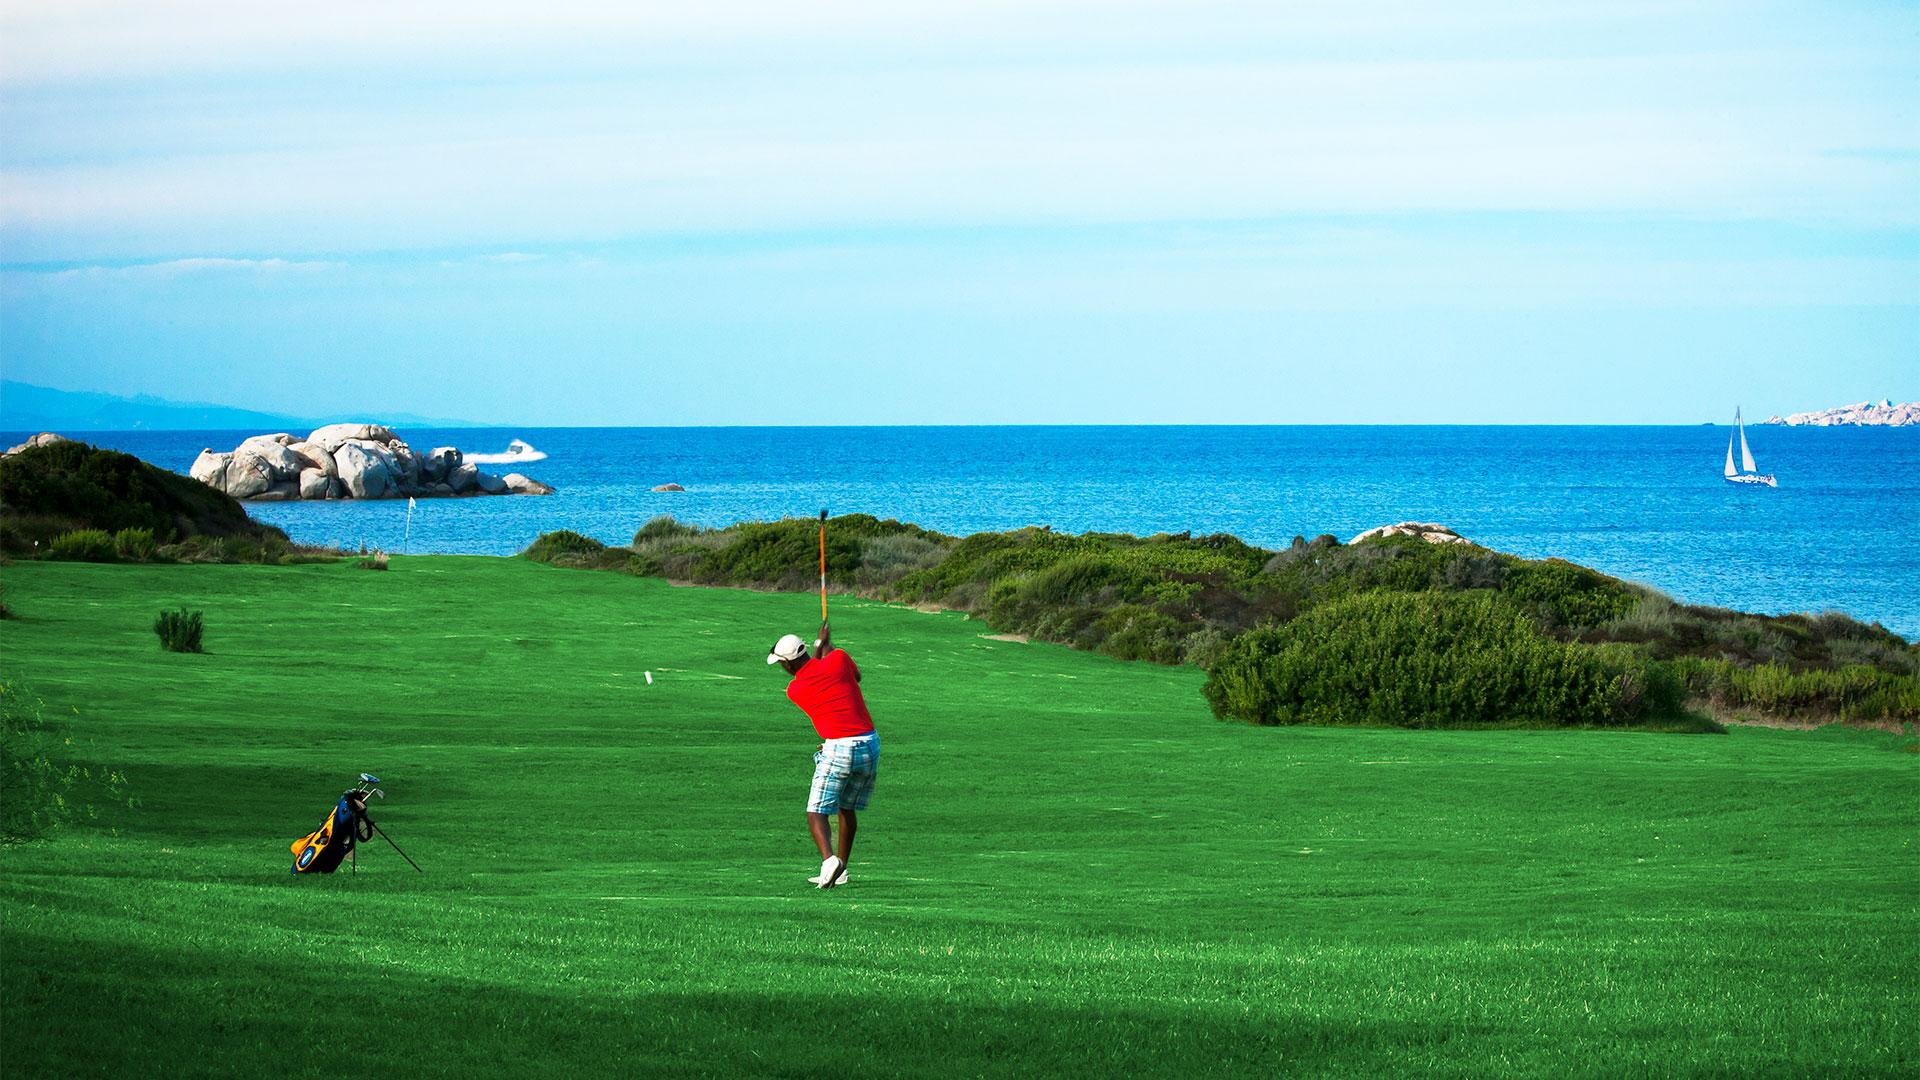 delphina-hotels-slide-golf-santa-teresa-gallura-sardegna